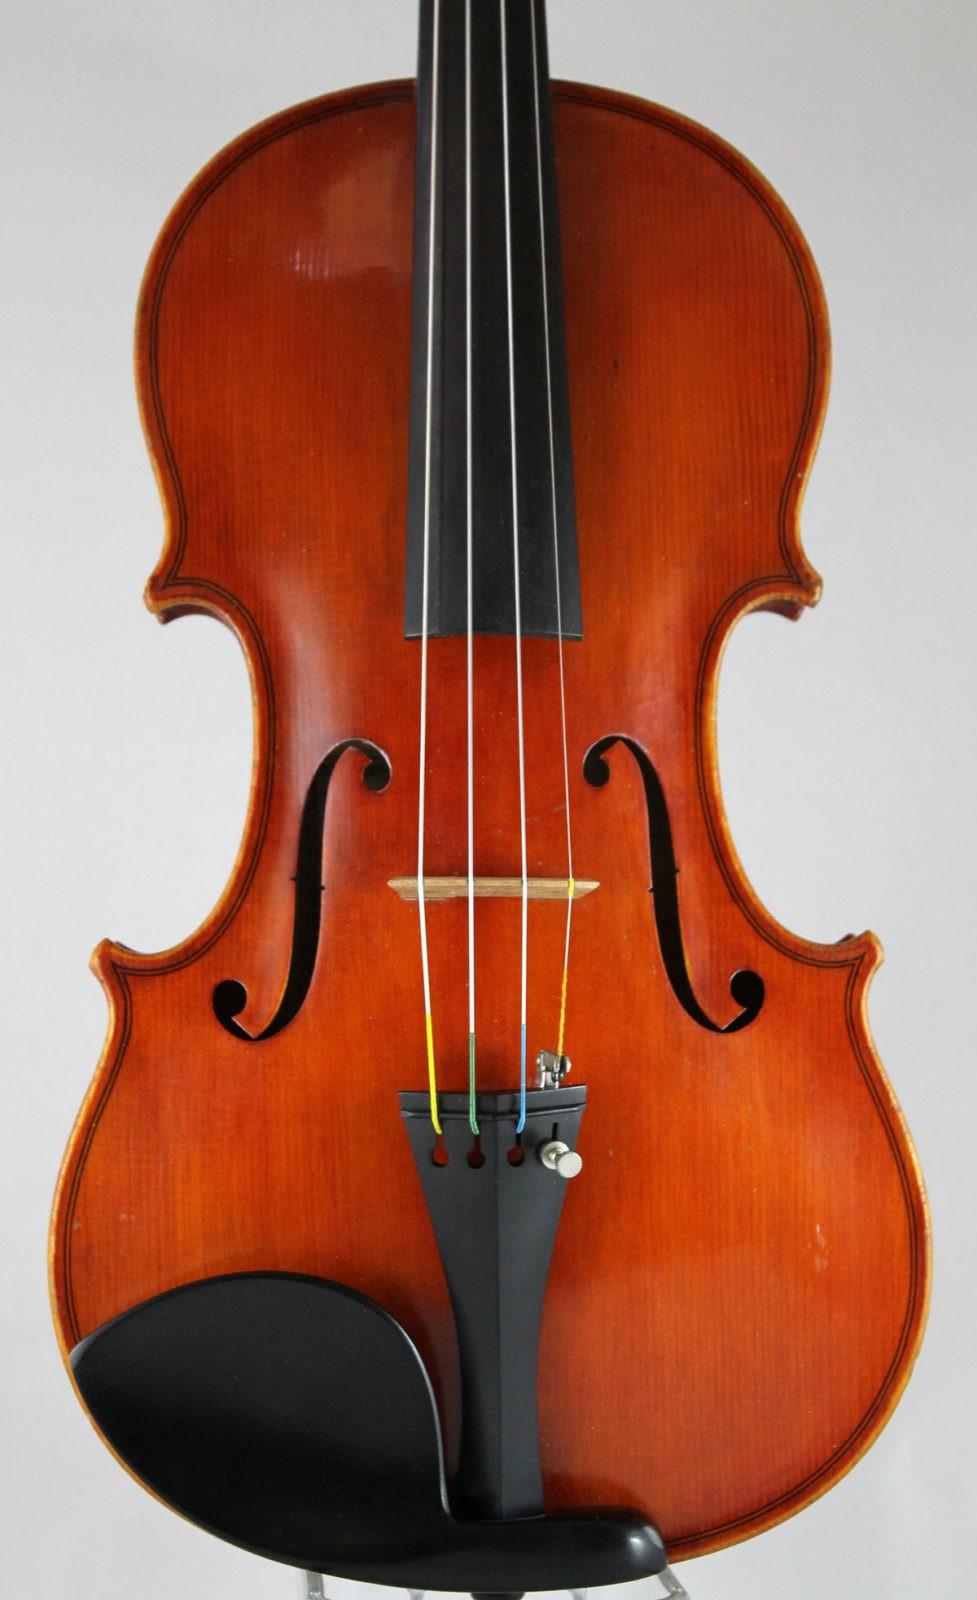 Heinrich Th Heberlein Jr violin - front